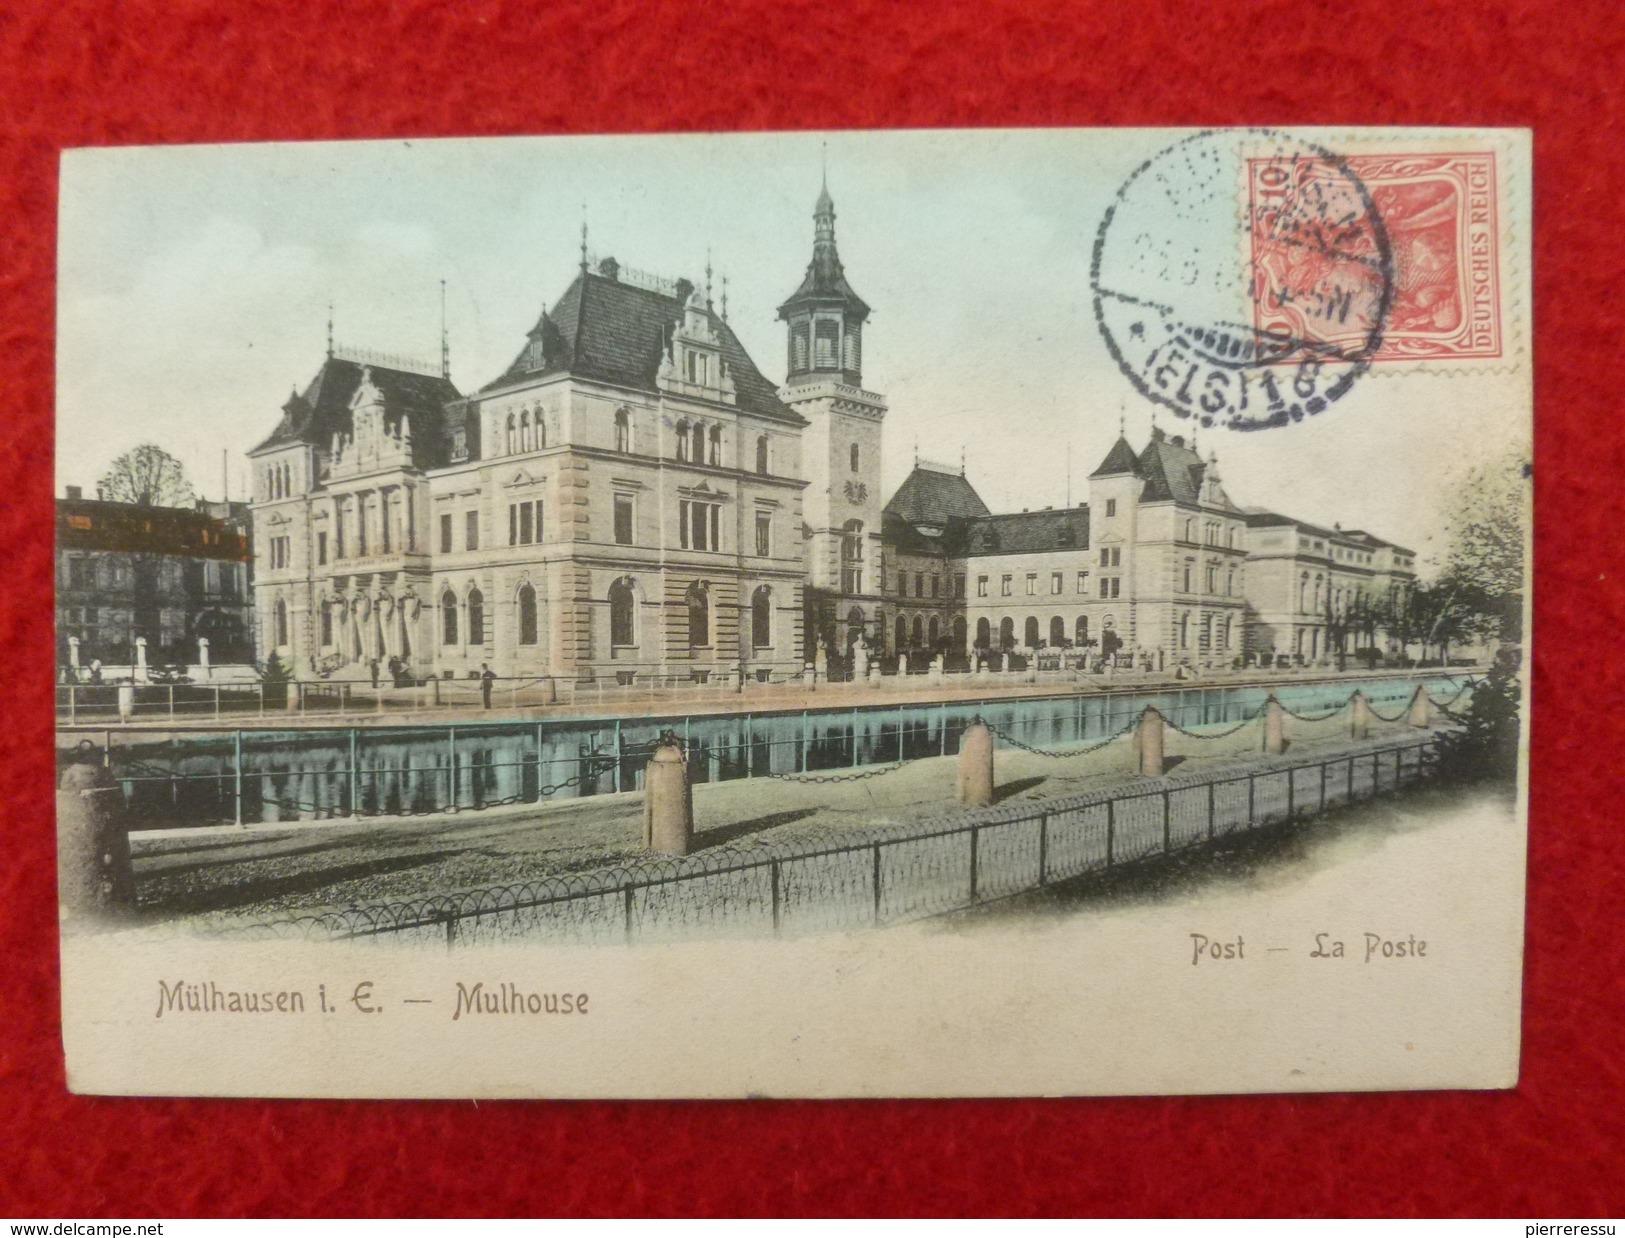 TIMBRE TAXE GRIFFE T AFFRANCHISSEMENT MIXTE SUR CPA MULHOUSE LA POSTE - 1877-1920: Période Semi Moderne